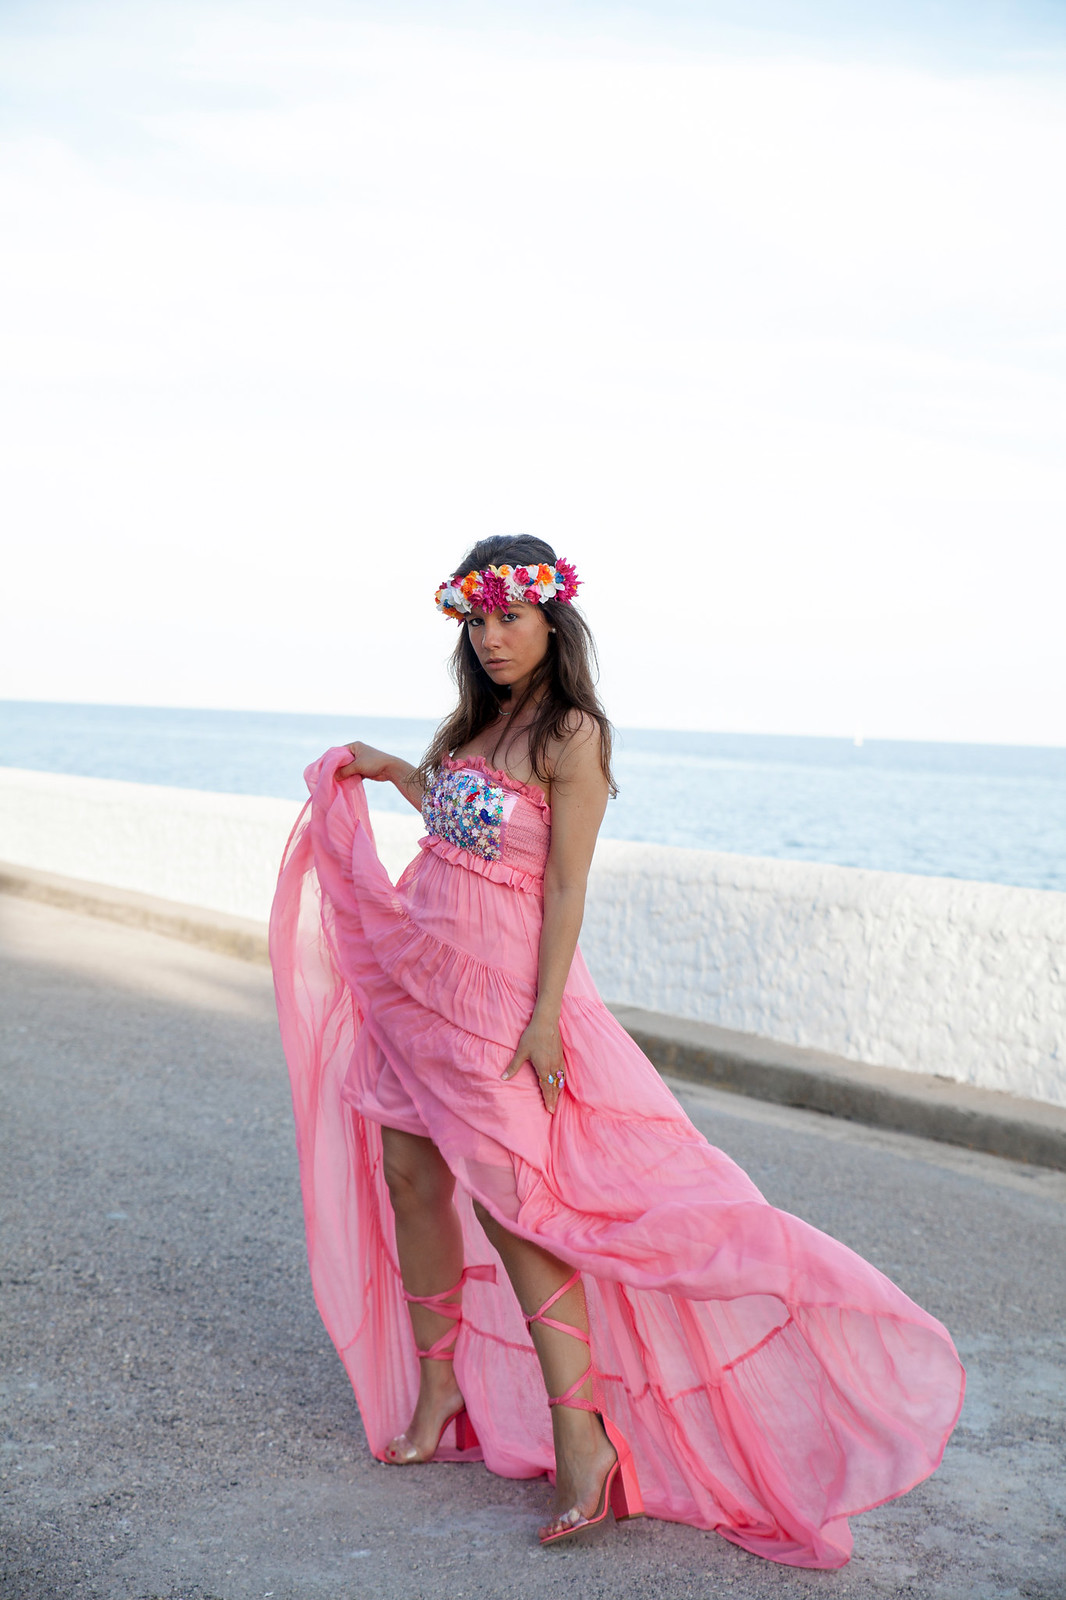 02_El_vestido_perfecto_fiesta_san_juan_verbena_highly_preppy_theguestgirl_fashion_influencer_barcelona_bilbao_vestido_rosa_largo